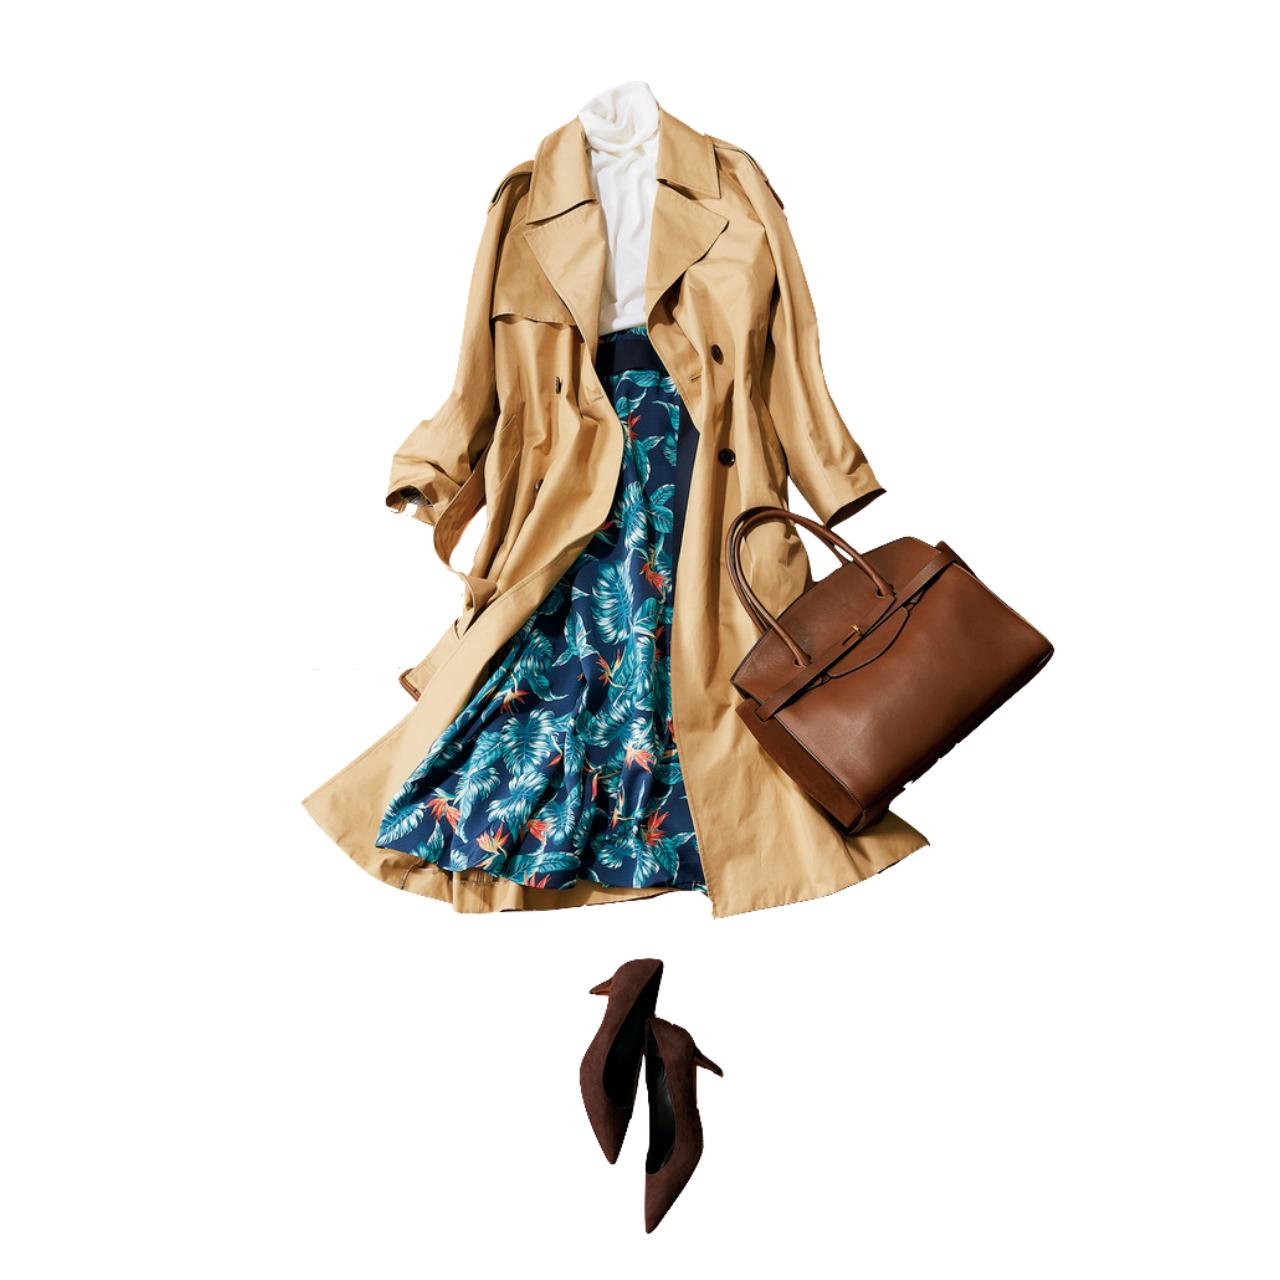 ベージュのトレンチコート×ボタニカル柄スカートのファッションコーデ